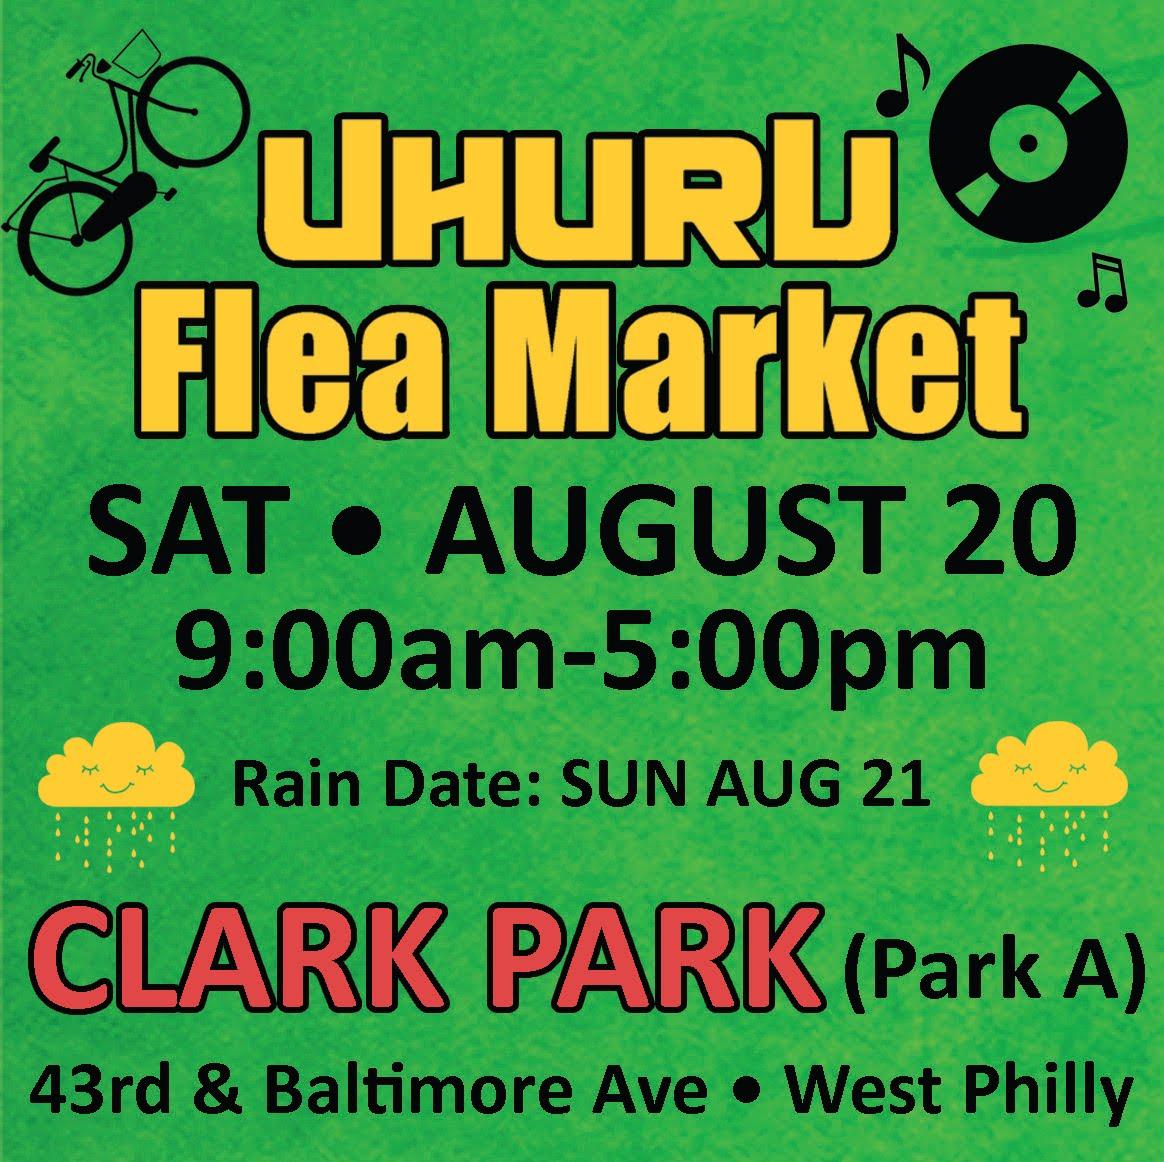 Uhuru Flea Market<br>SAT AUGUST 20th